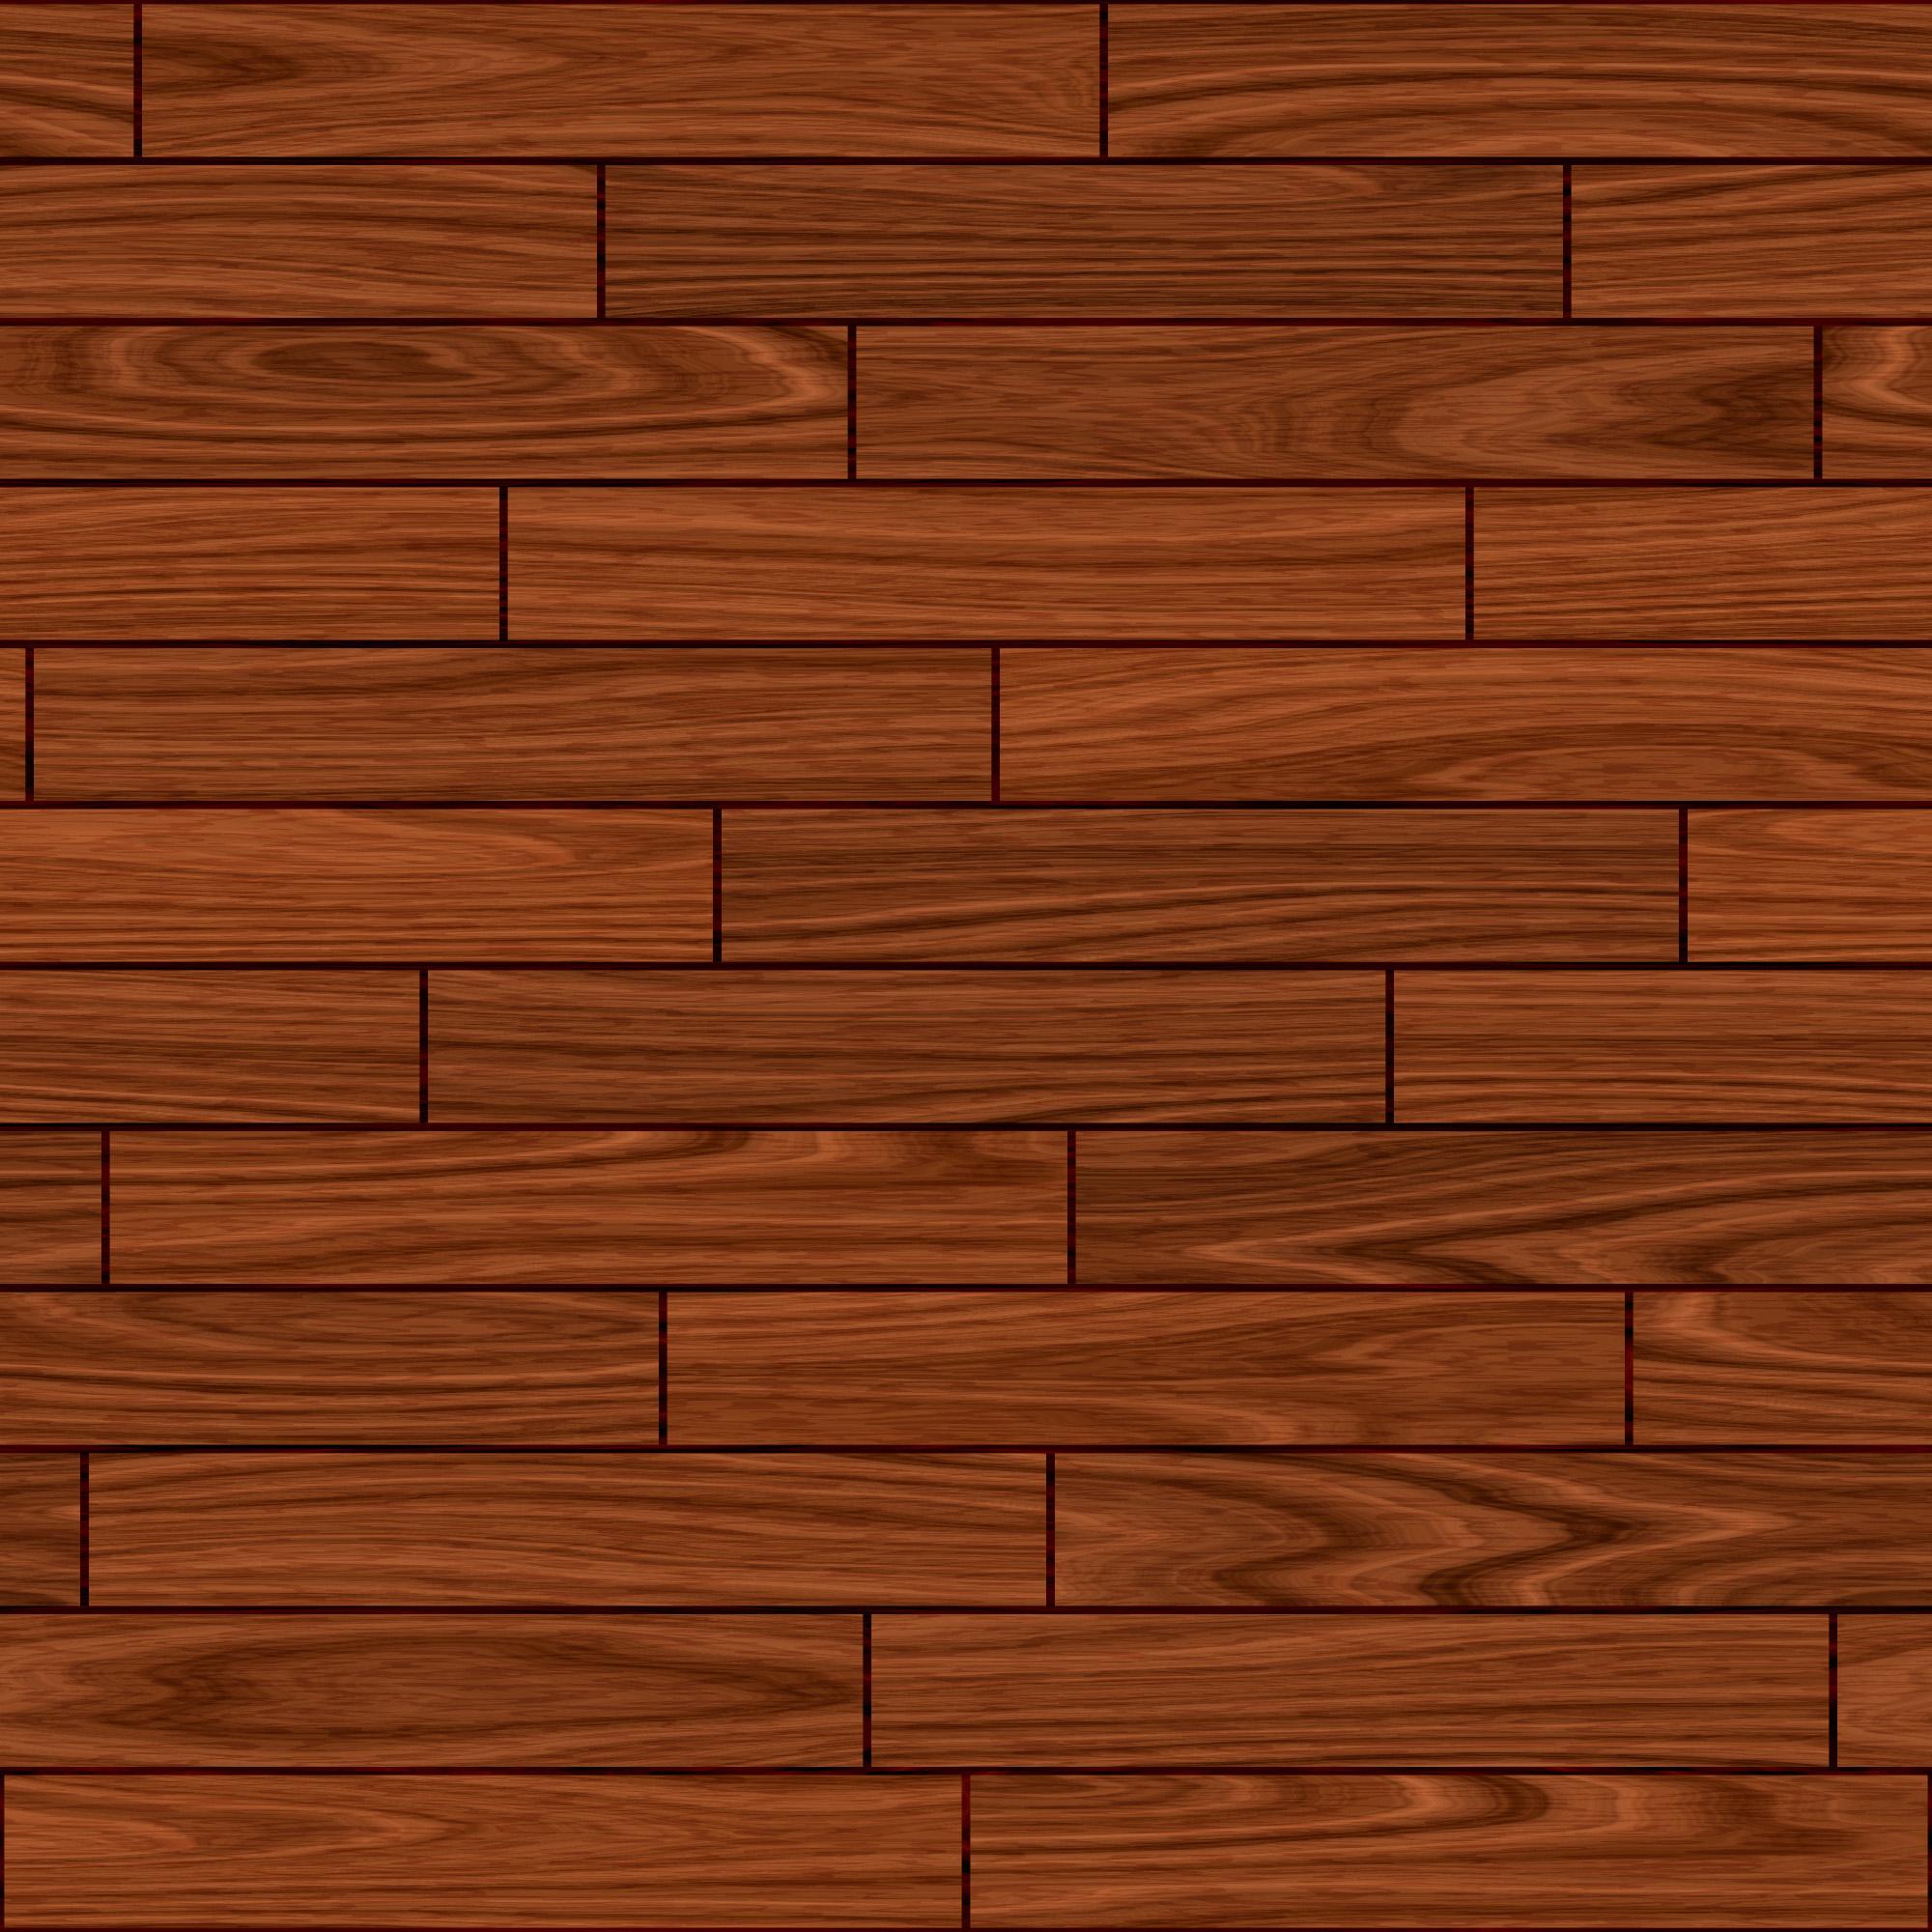 Wood texture pencil and. Floor clipart wooden floor